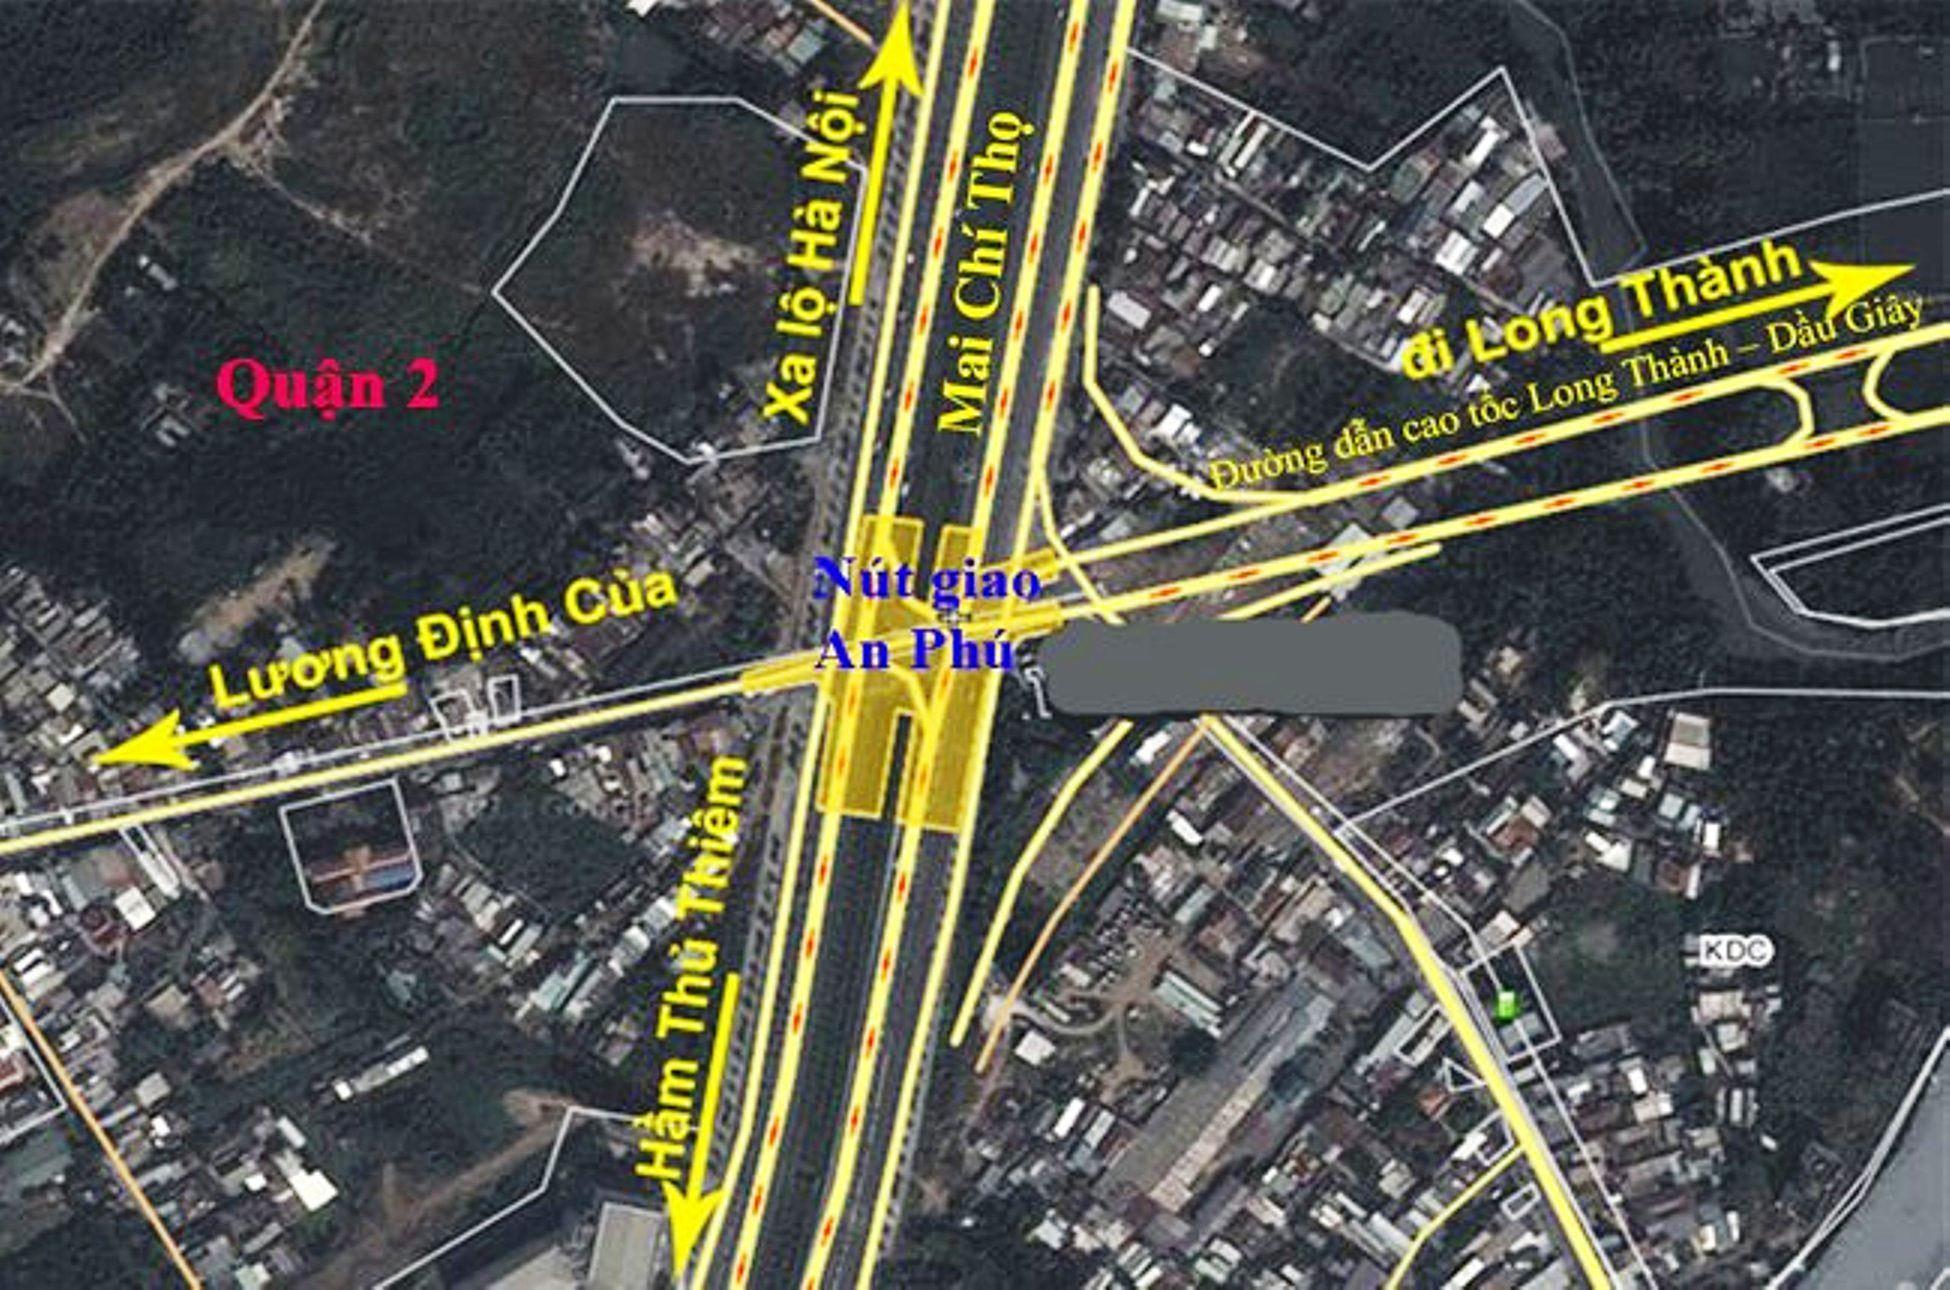 Nút giao thông An Phú Quận 2